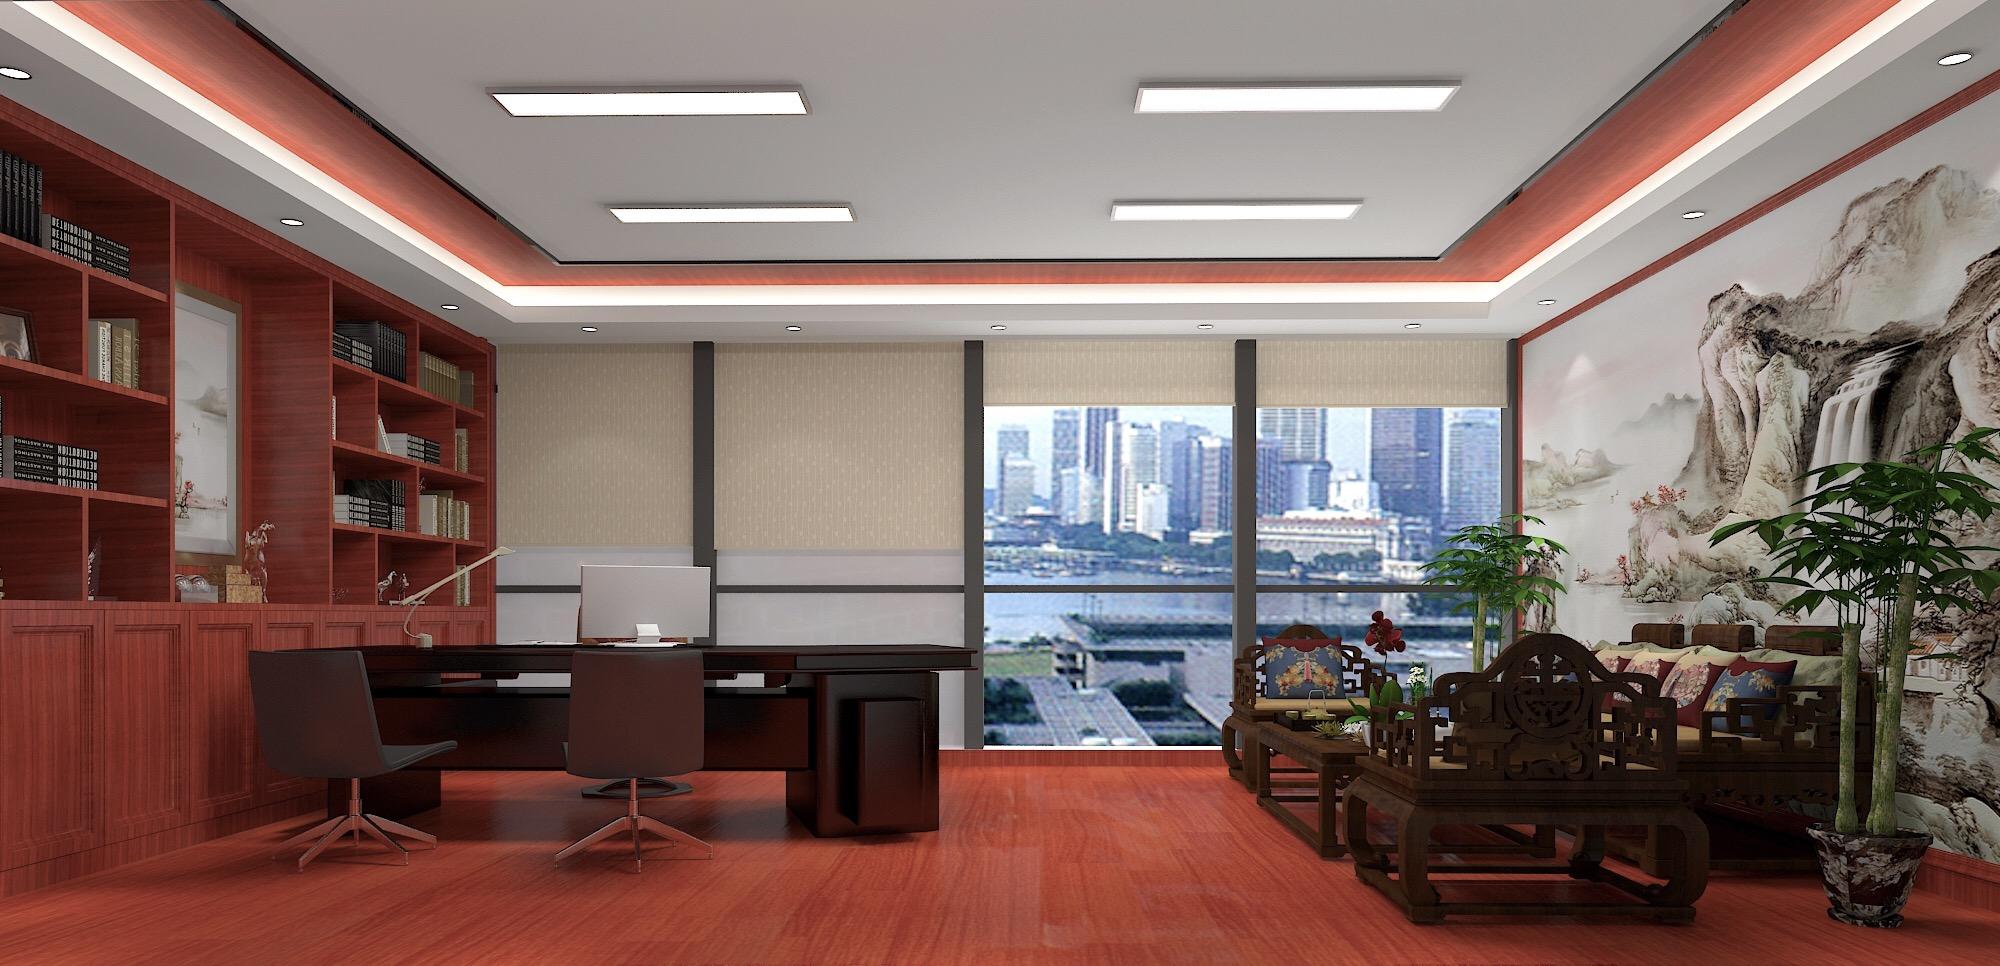 老总办公室装修设计之前应该注意的问题?